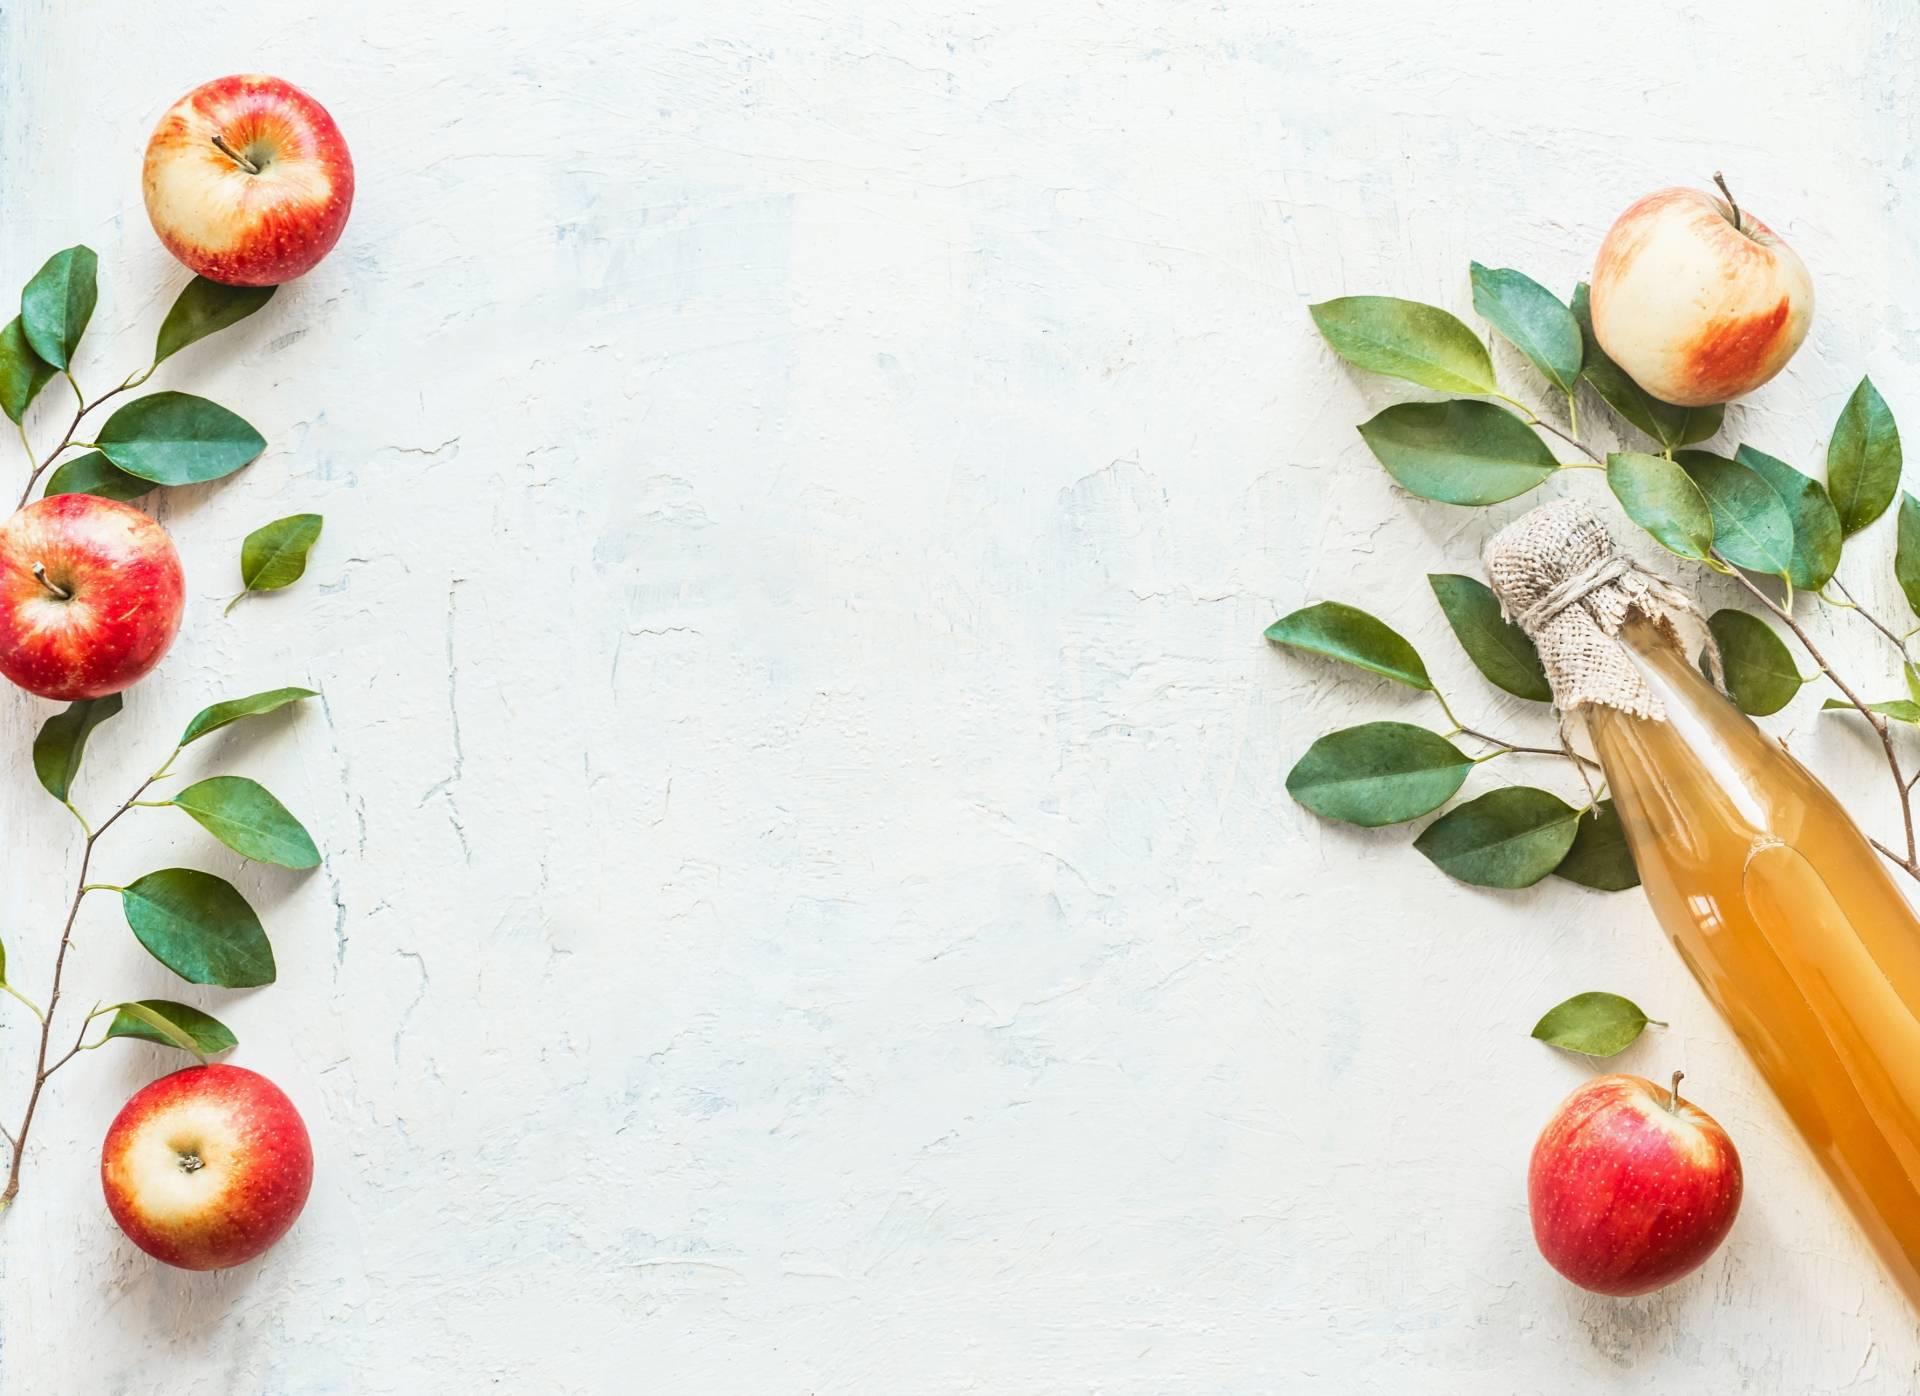 Ocet jabłkowy na włosy. Na jasnym blacie po bokach kadru leżą jabłka, listki jabłoni i butelka z octem jabłkowym.